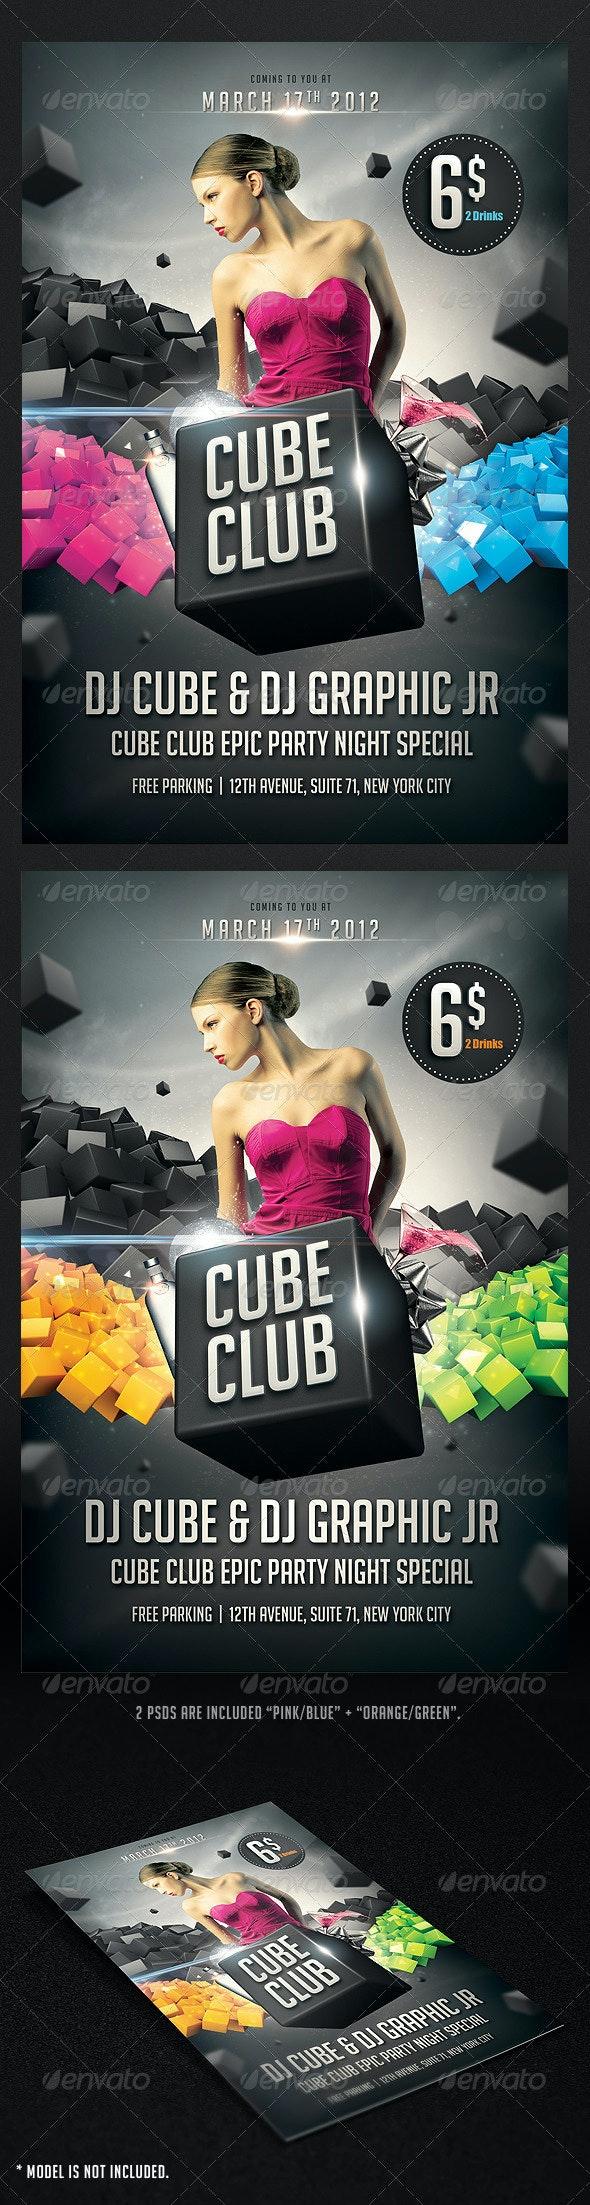 Cube Club Flyer - Flyers Print Templates